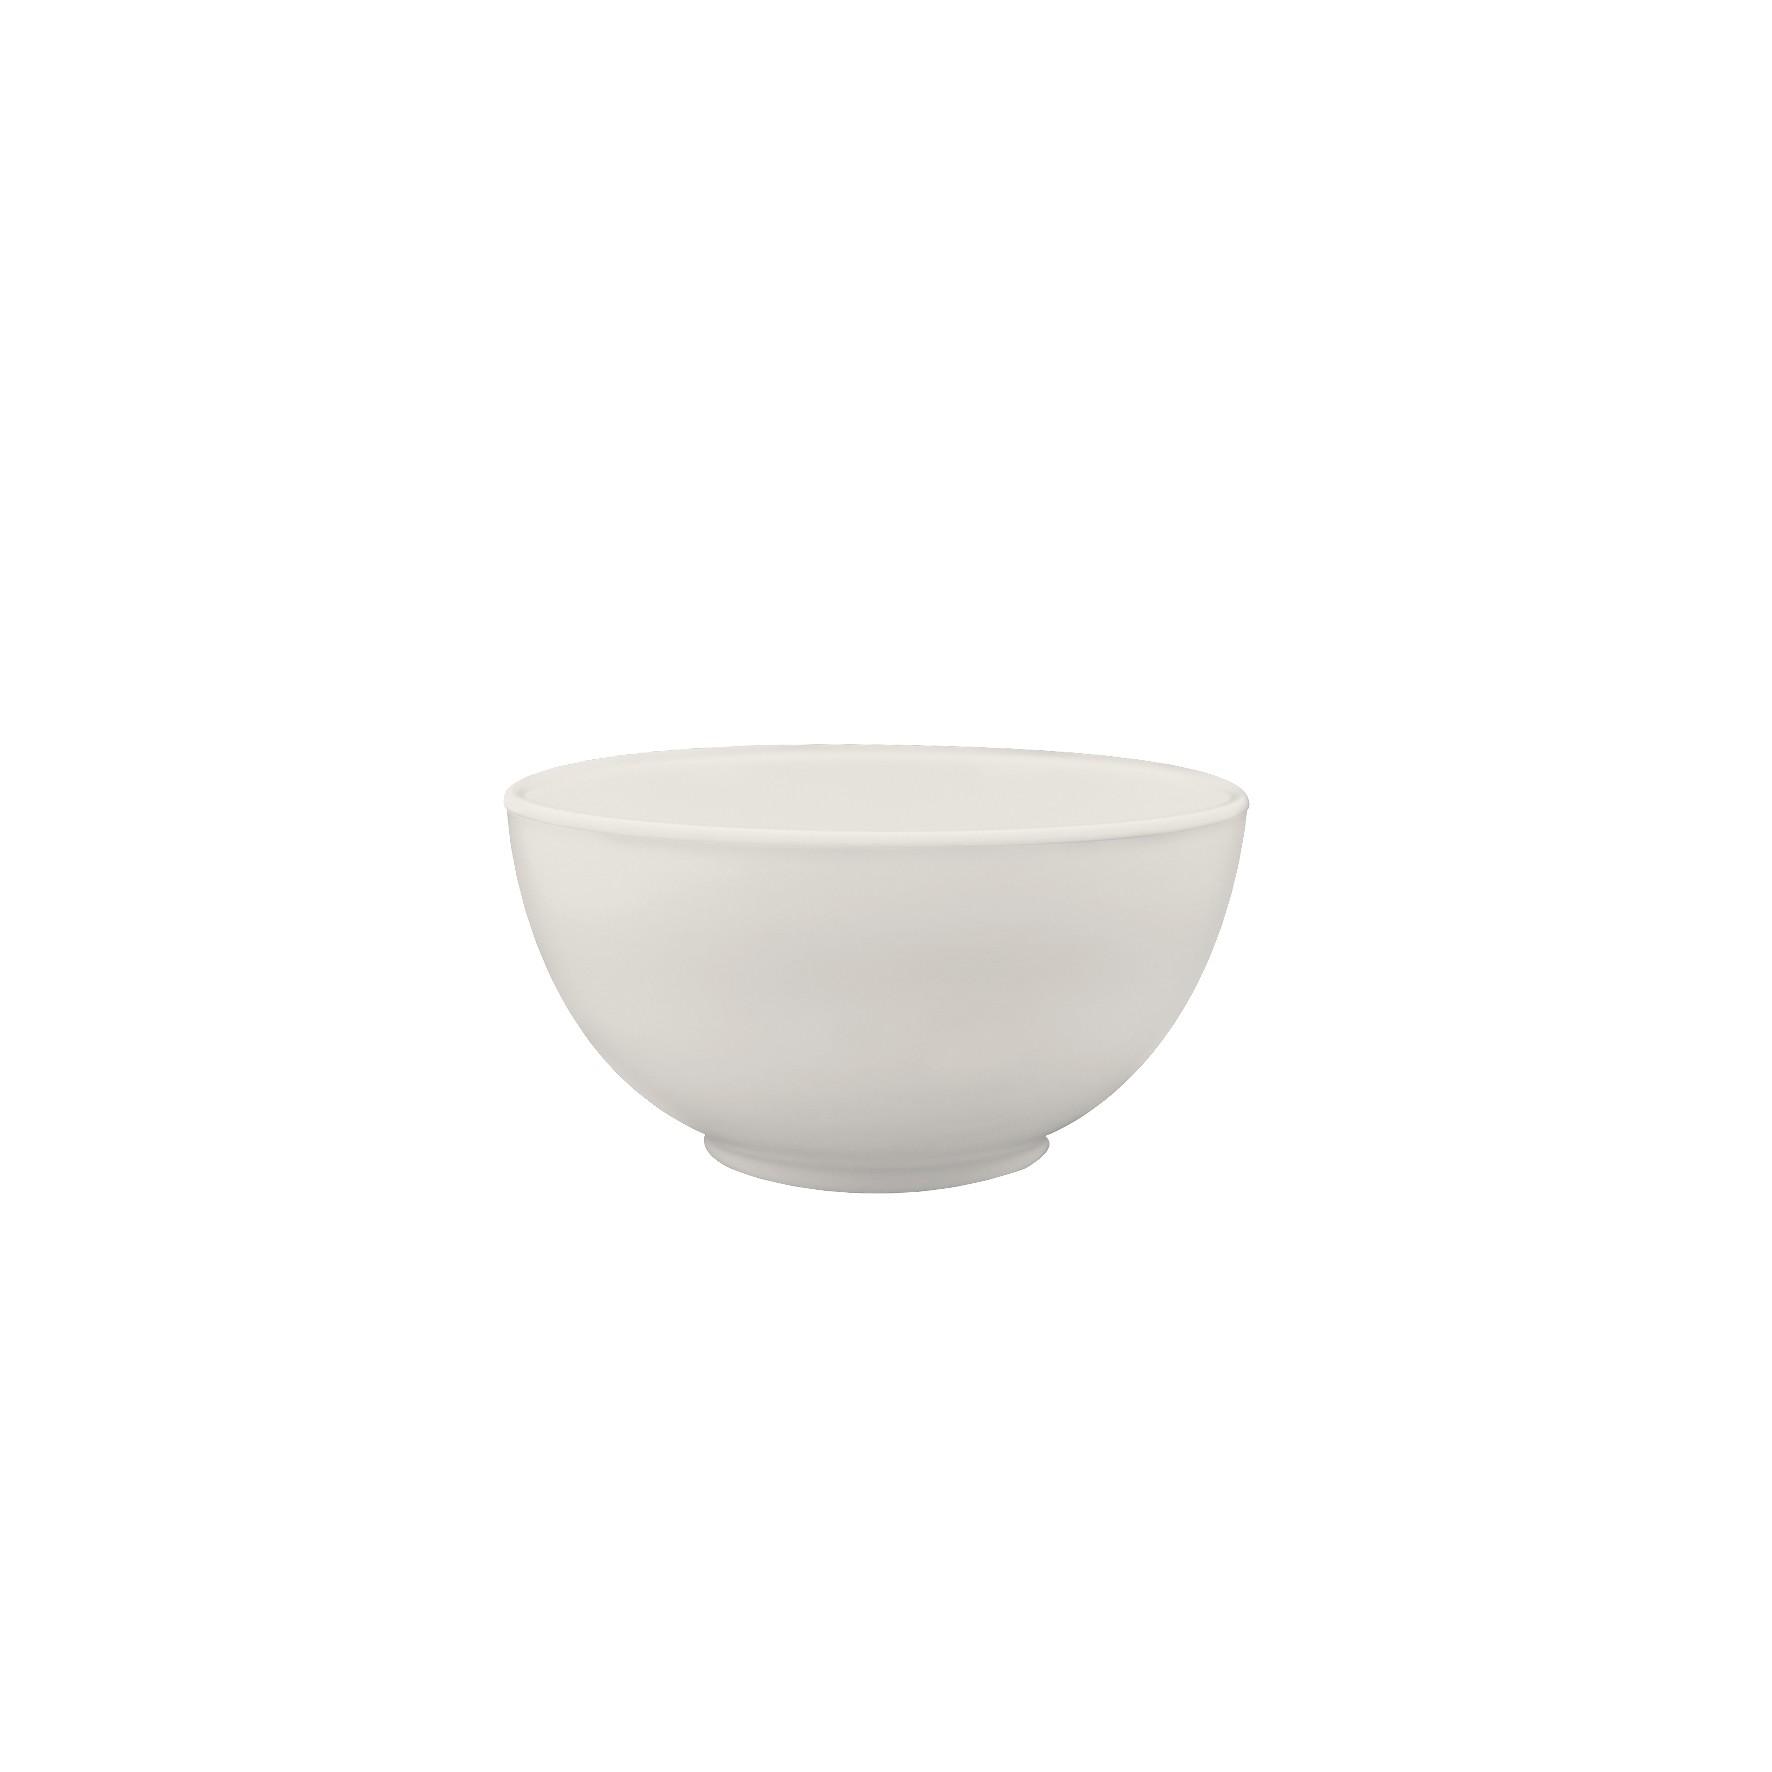 Tigela Melamine Bowl 11 cm Branca 17738 - Yangzi